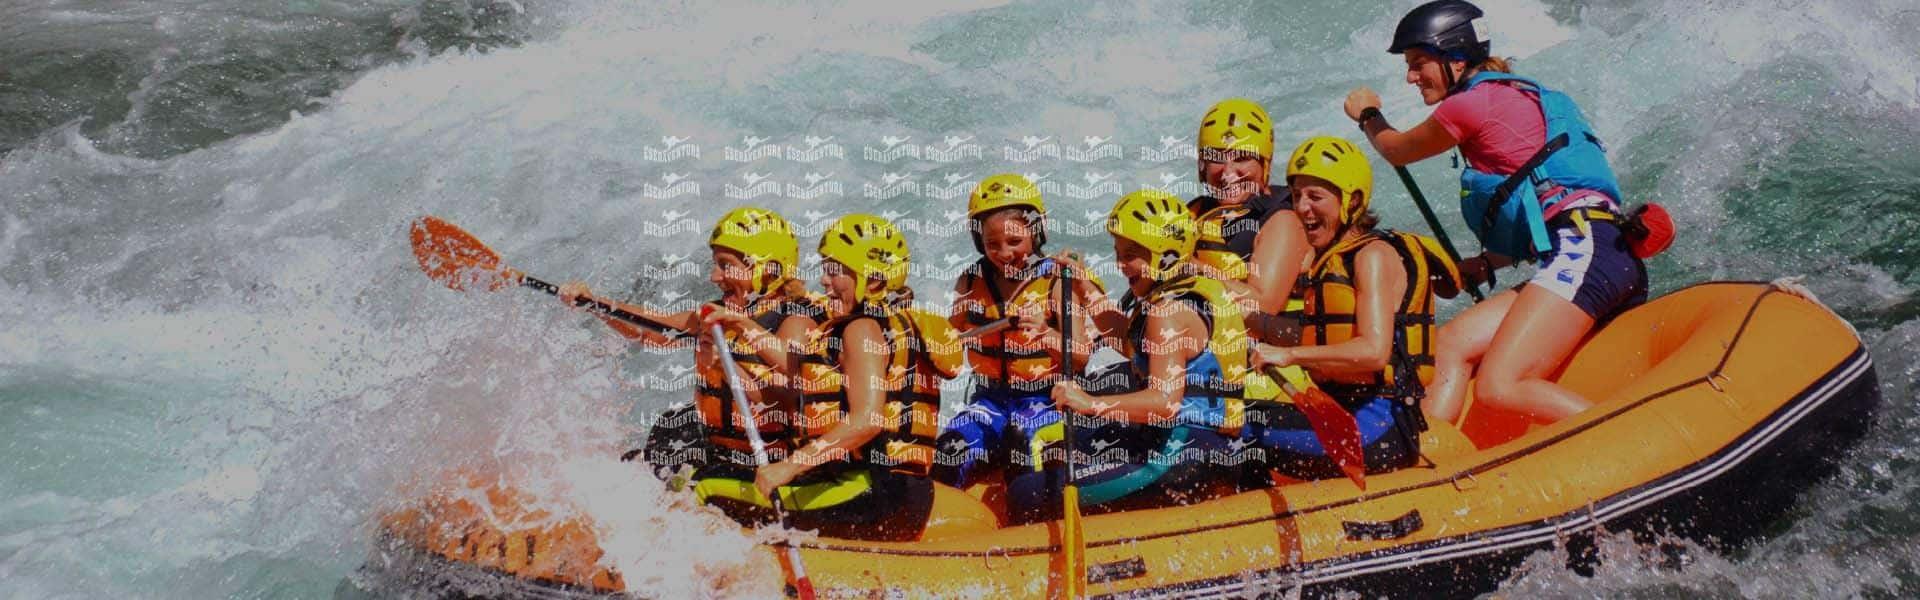 Pack actividades de aventura en Primavera 5